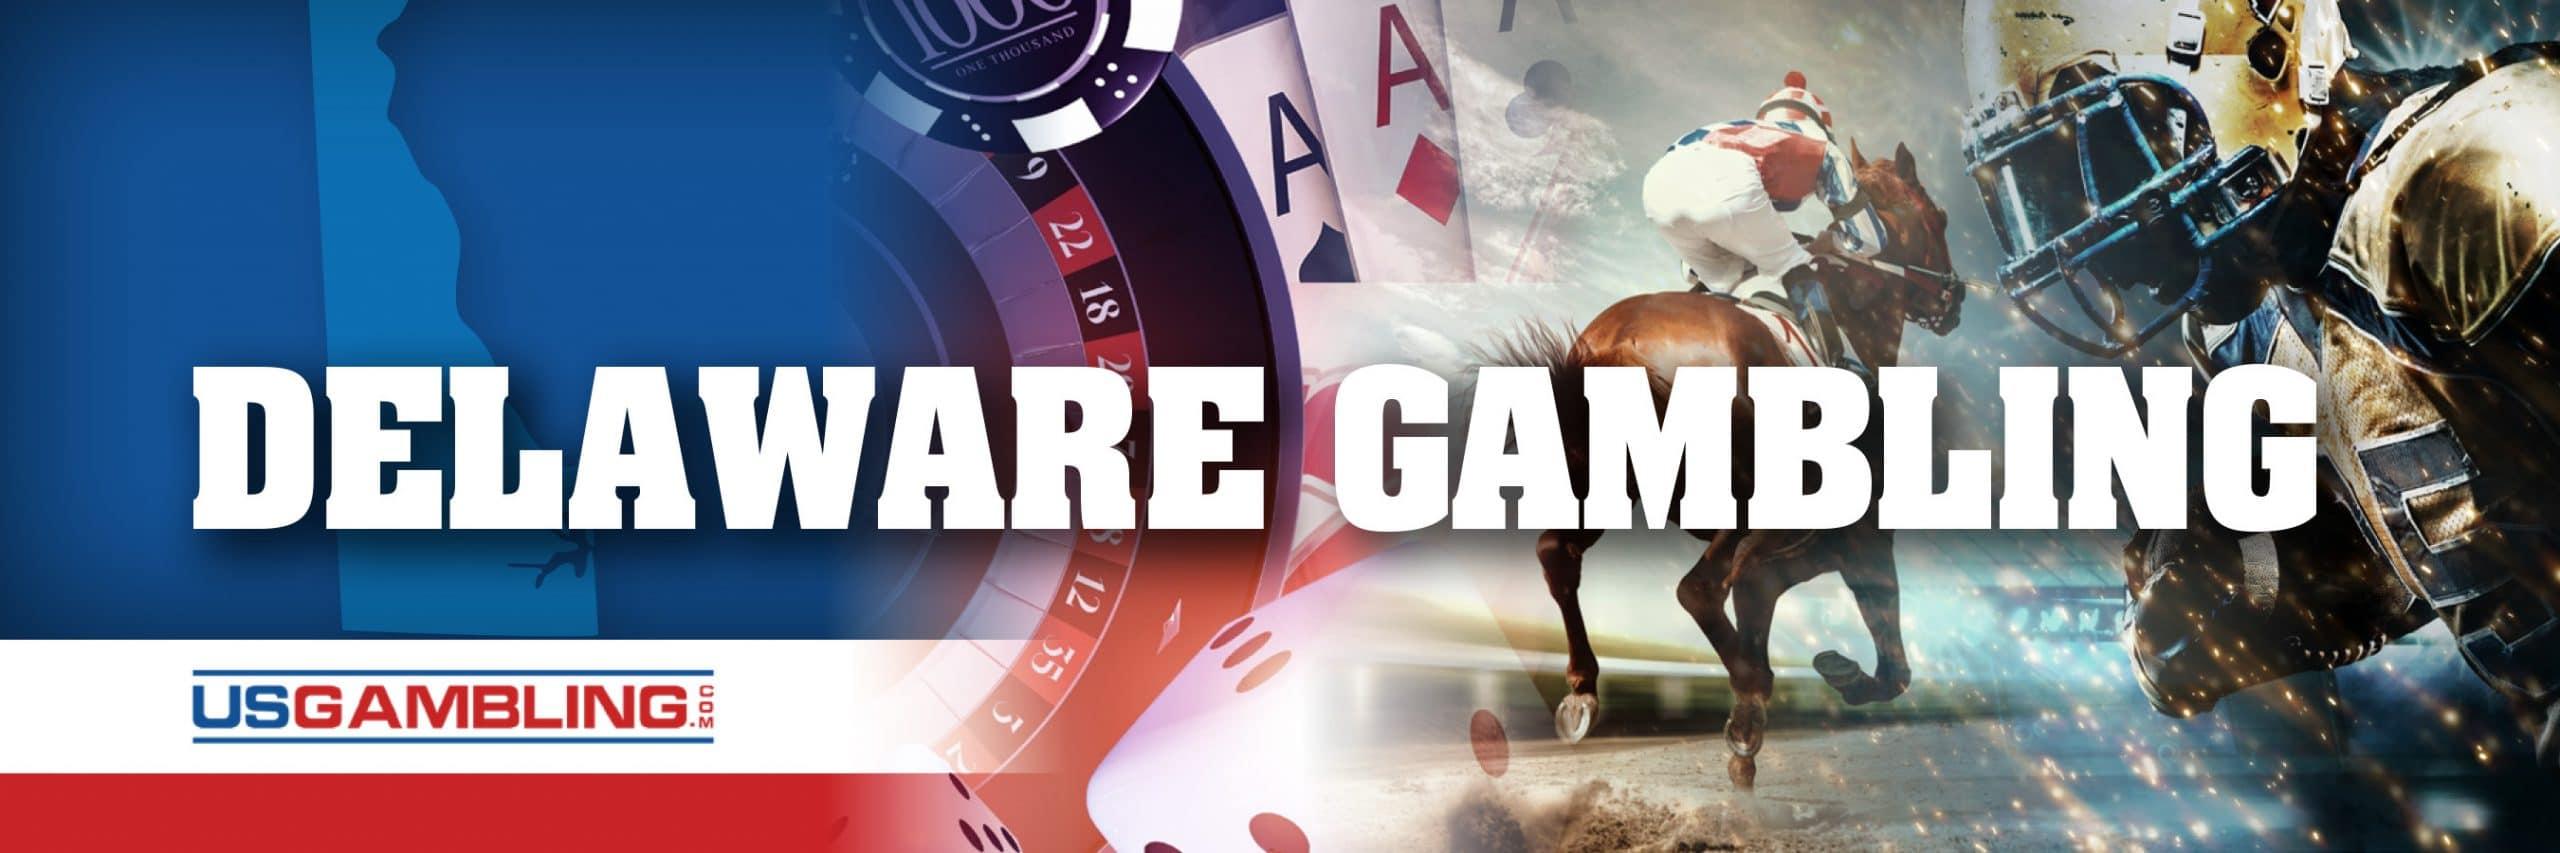 Legal Delaware Gambling